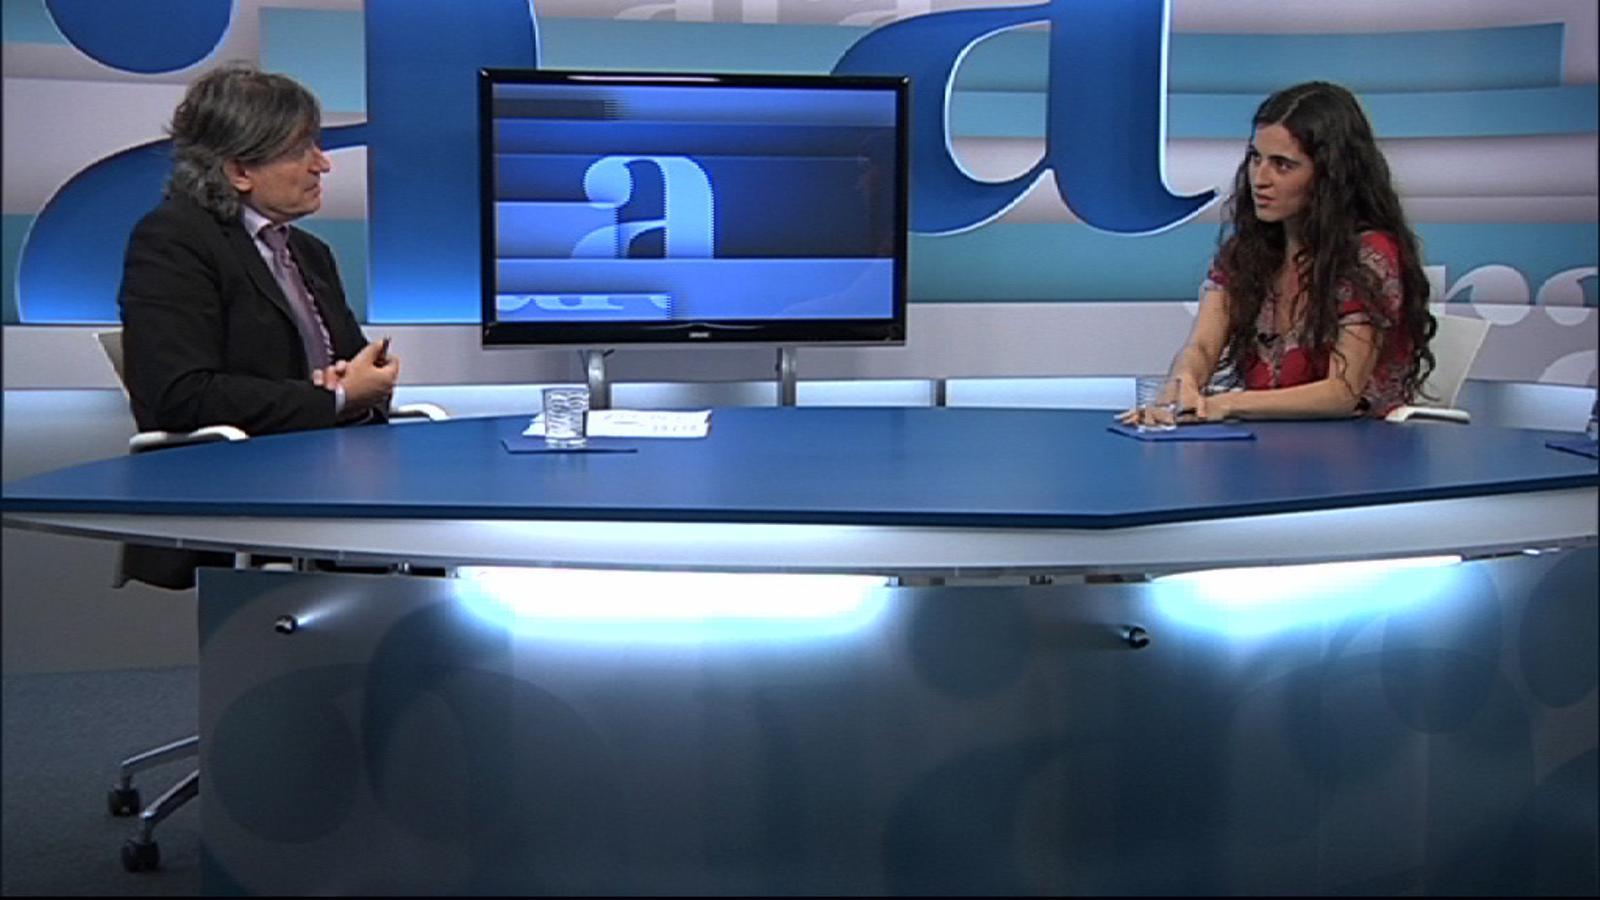 Sílvia Pérez Cruz: Vull lluitar i no fer el que esperen de mi sinó el que m'agrada. He de ser sincera amb mi